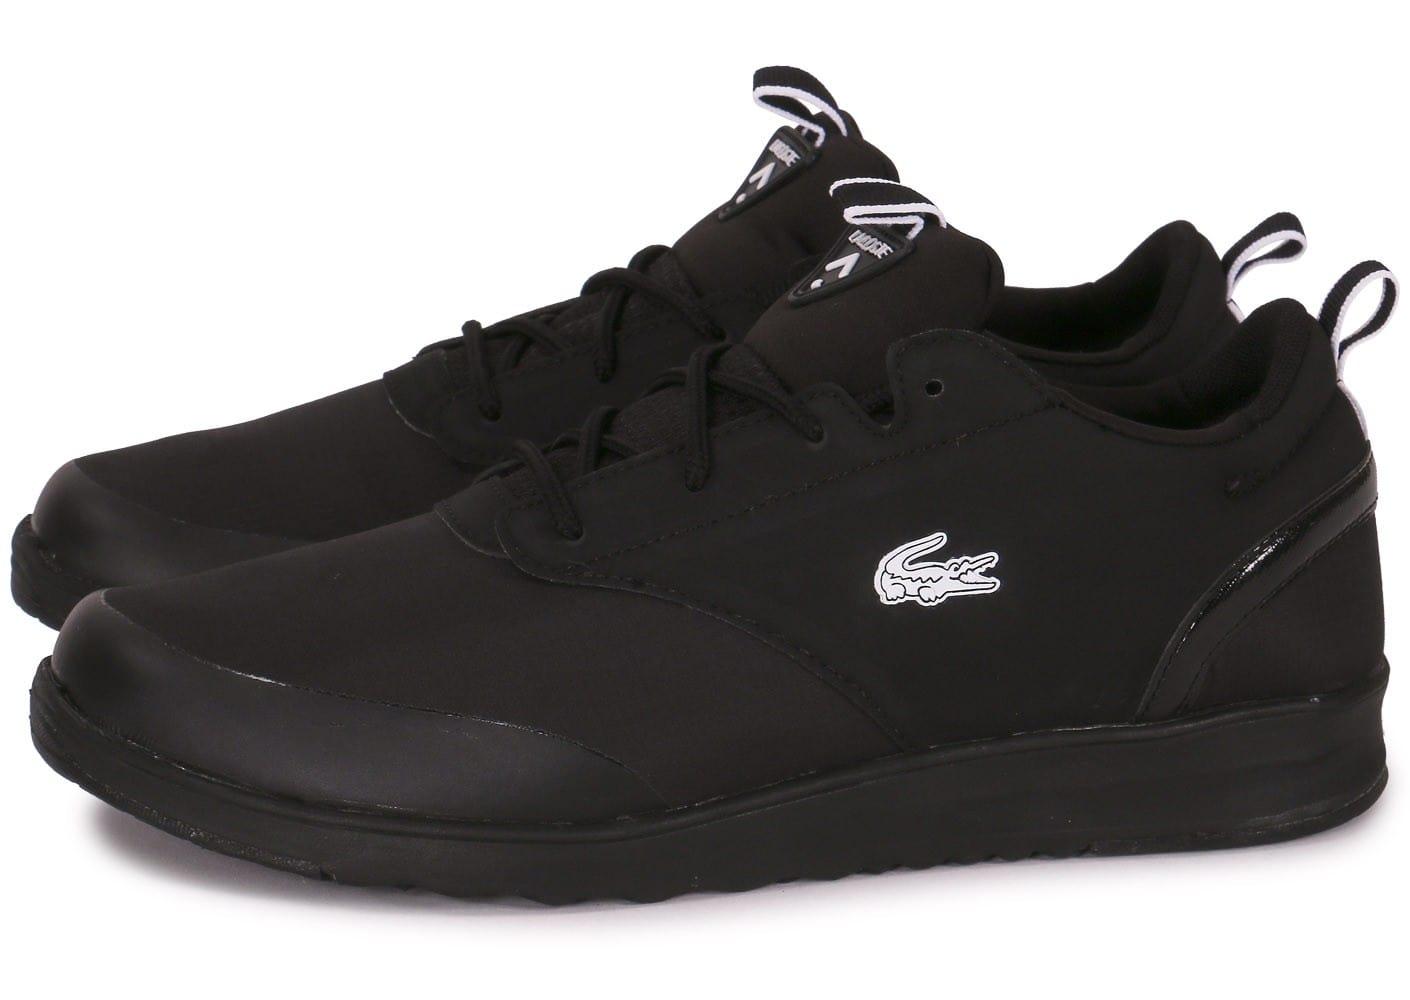 3cf0c4b9c7949 chaussure lacoste homme noir 1